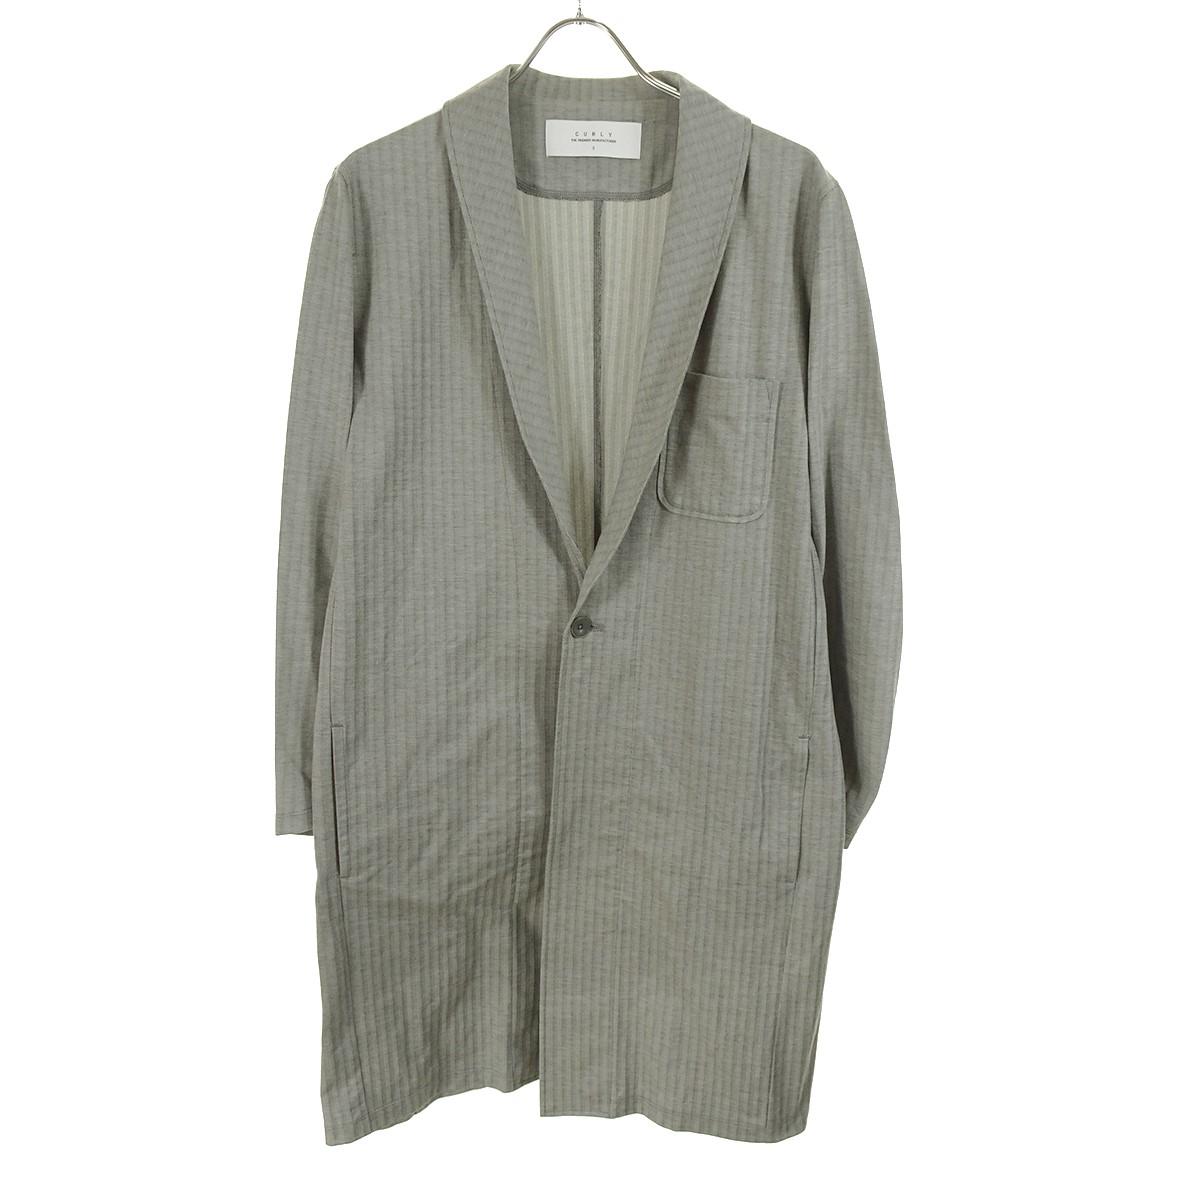 【中古】CURLY Folksy Shirts Coat ショールカラーコート 17SS グレー サイズ:2 【170320】(カーリー)